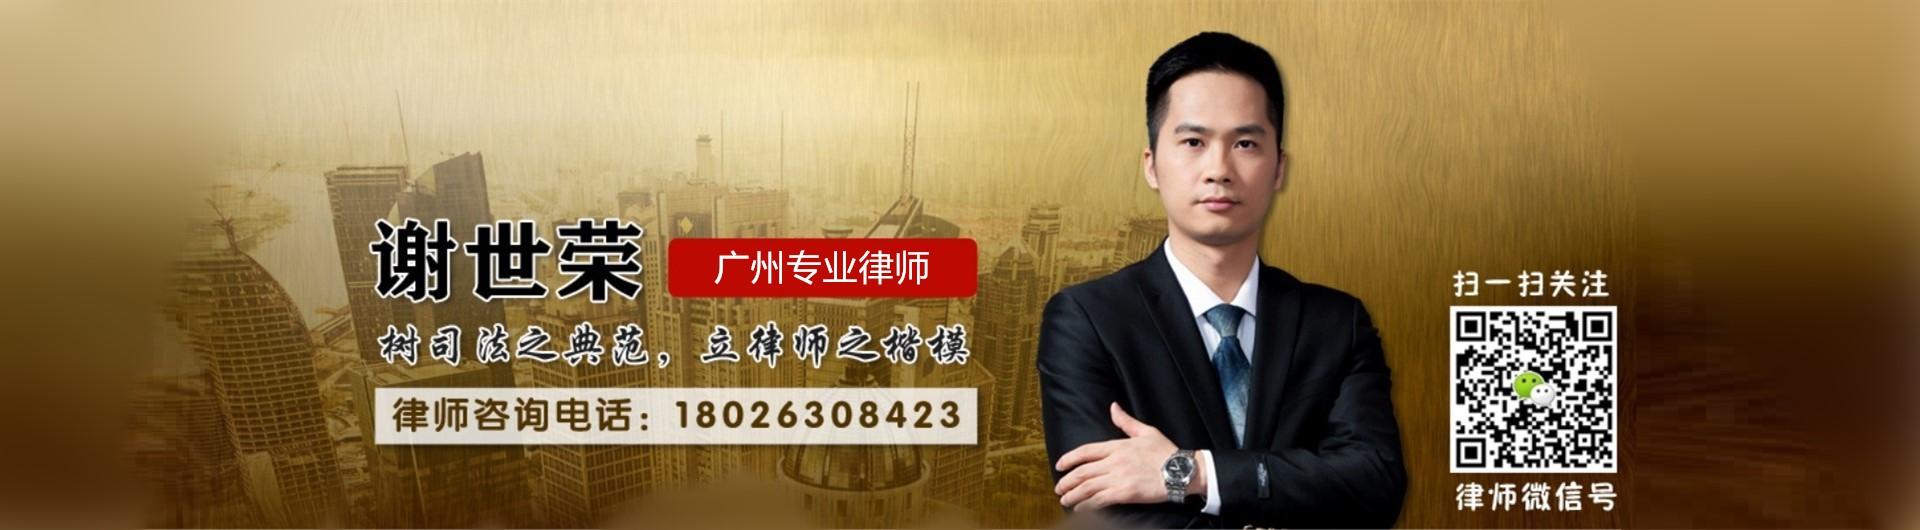 广州番禺律师大图二